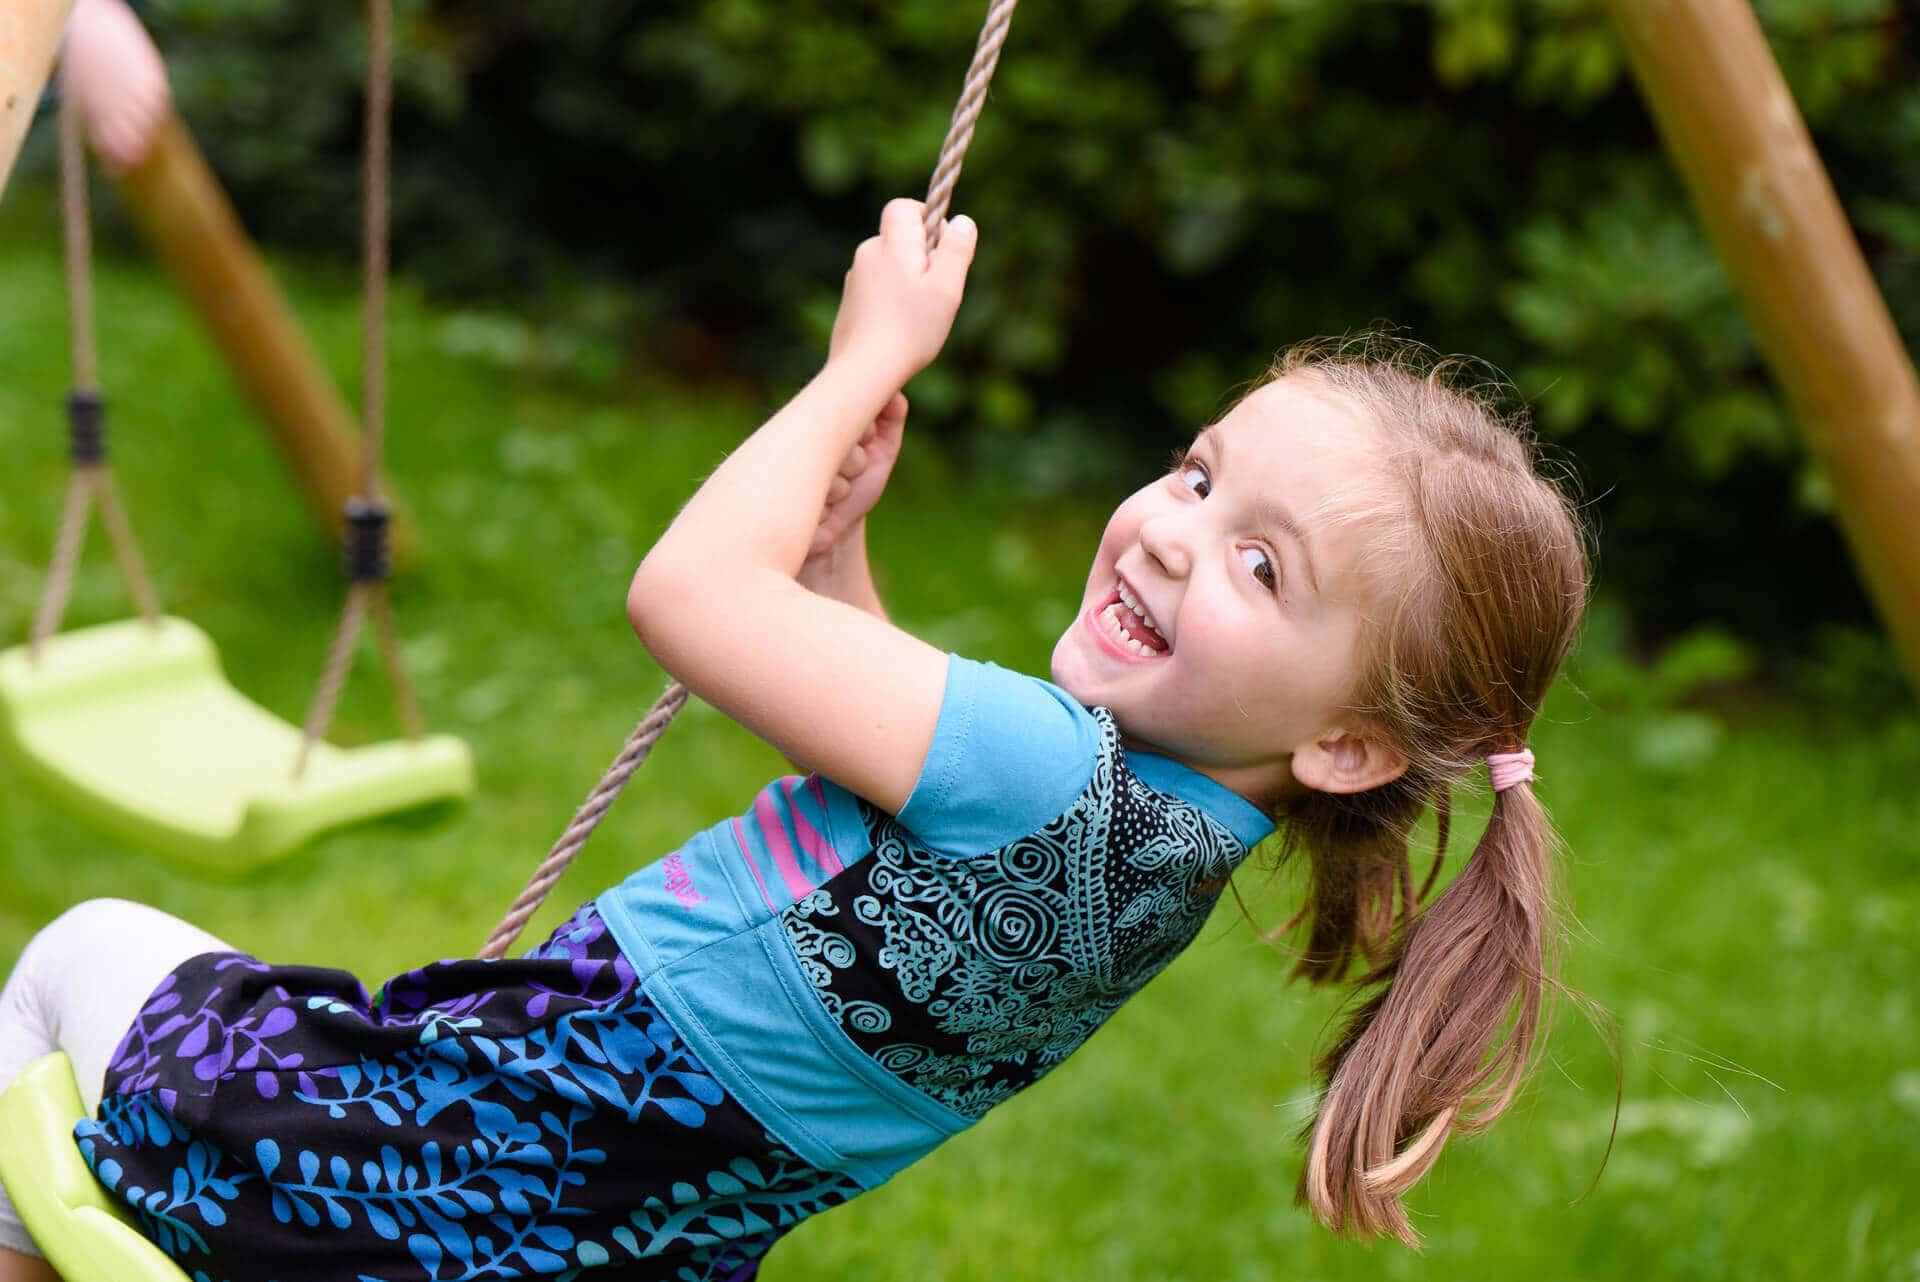 Kinderfotografie Zutphen spelen fotograaf FotoGrietje